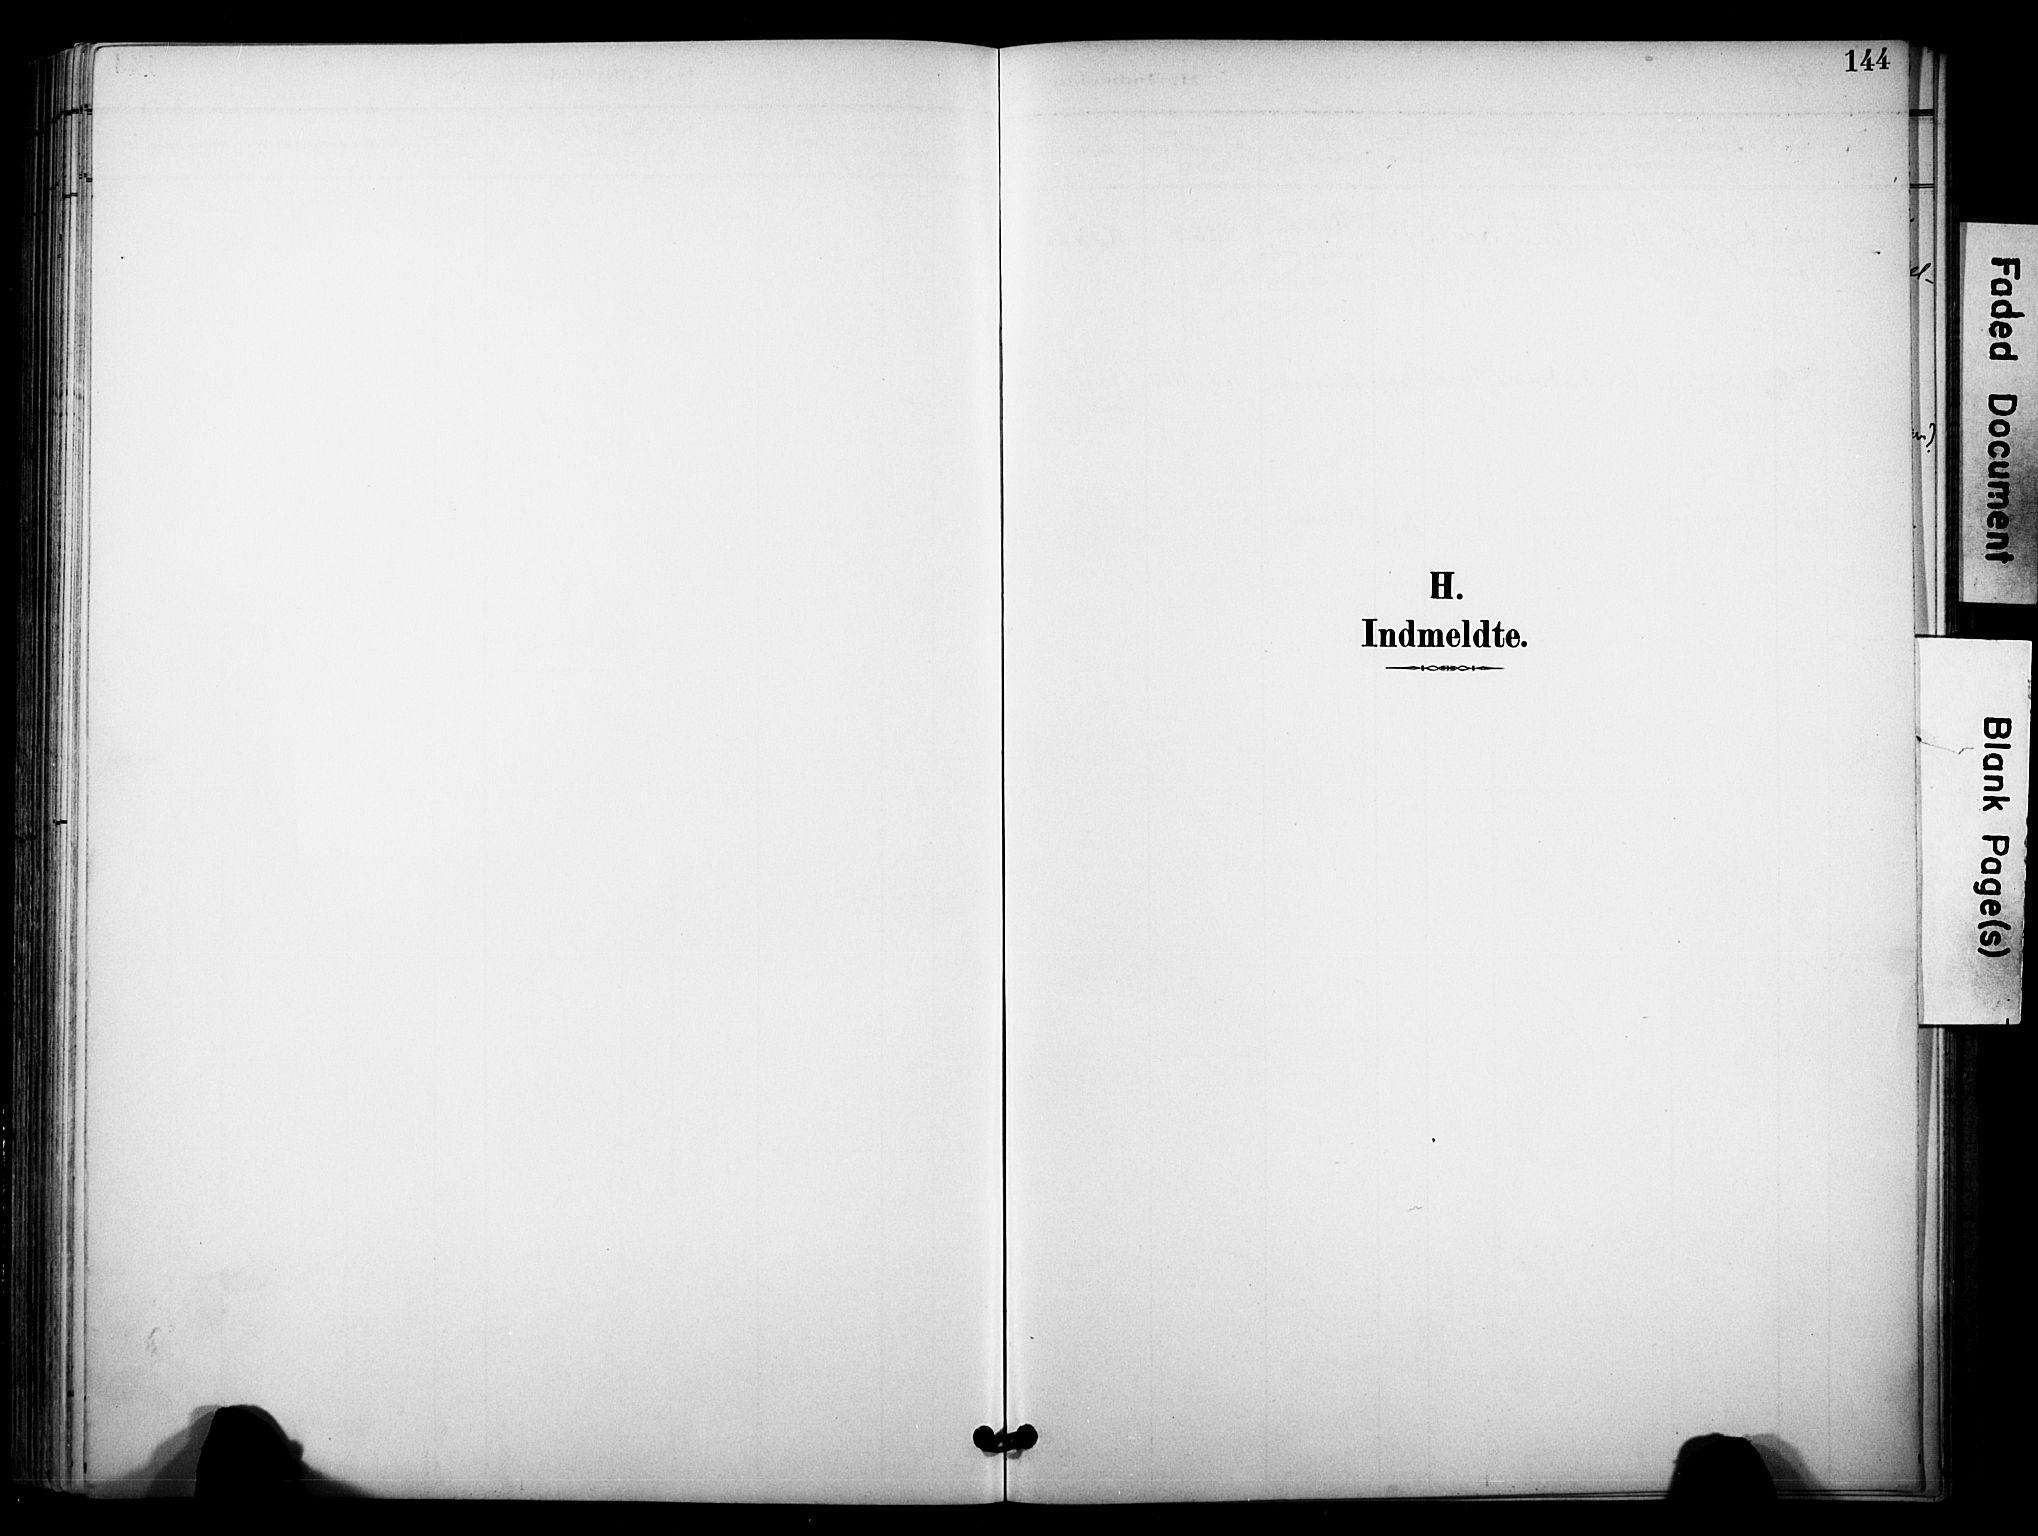 SAKO, Bø kirkebøker, F/Fa/L0011: Ministerialbok nr. 11, 1892-1900, s. 144